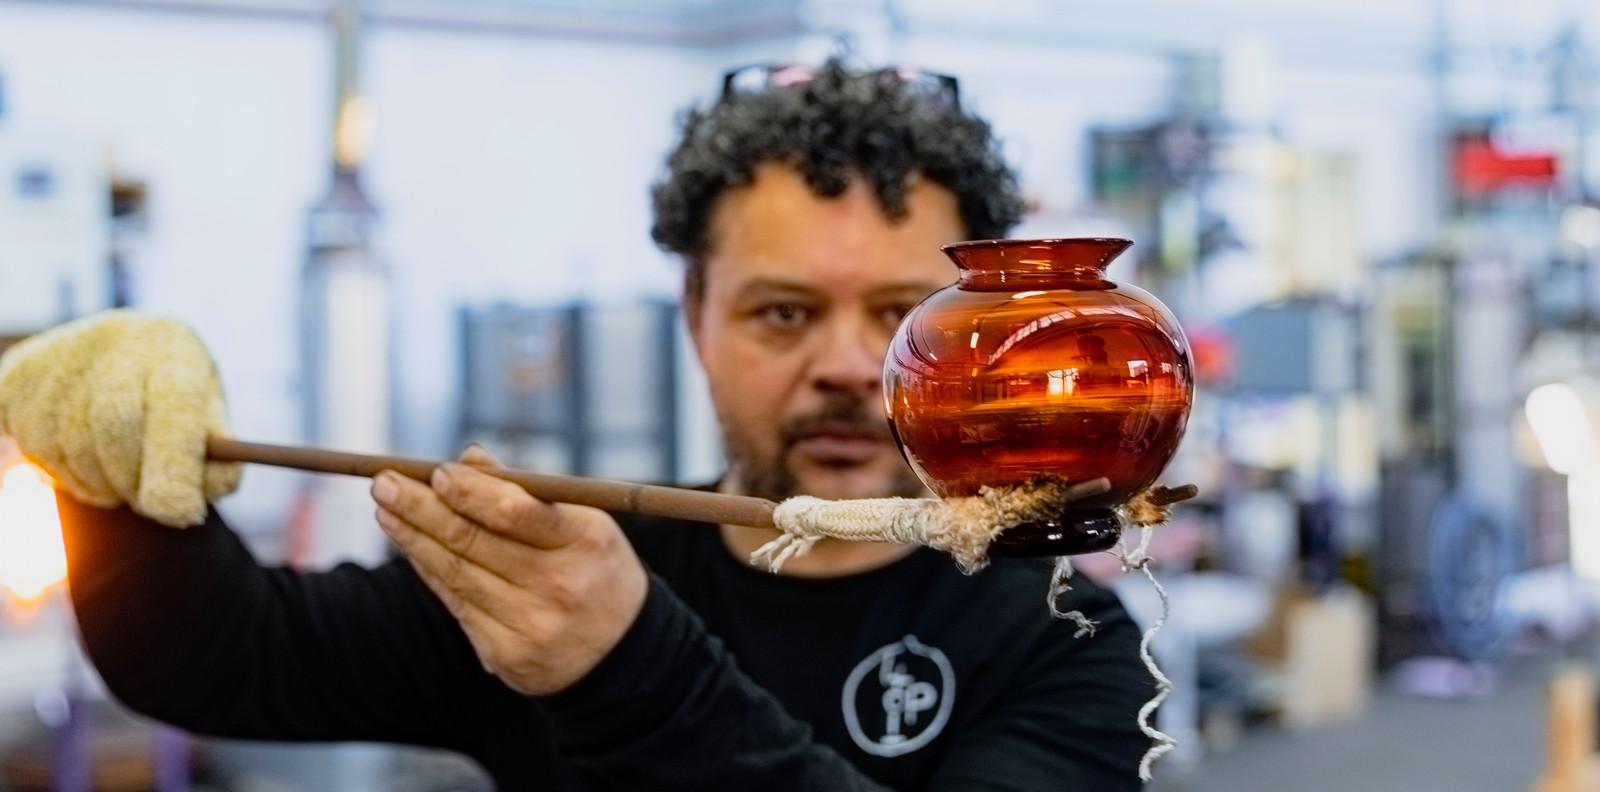 Archieffoto van Marco Lopulalan, die aan zijn Oranjevaasje voor koningin Máxima werkt.